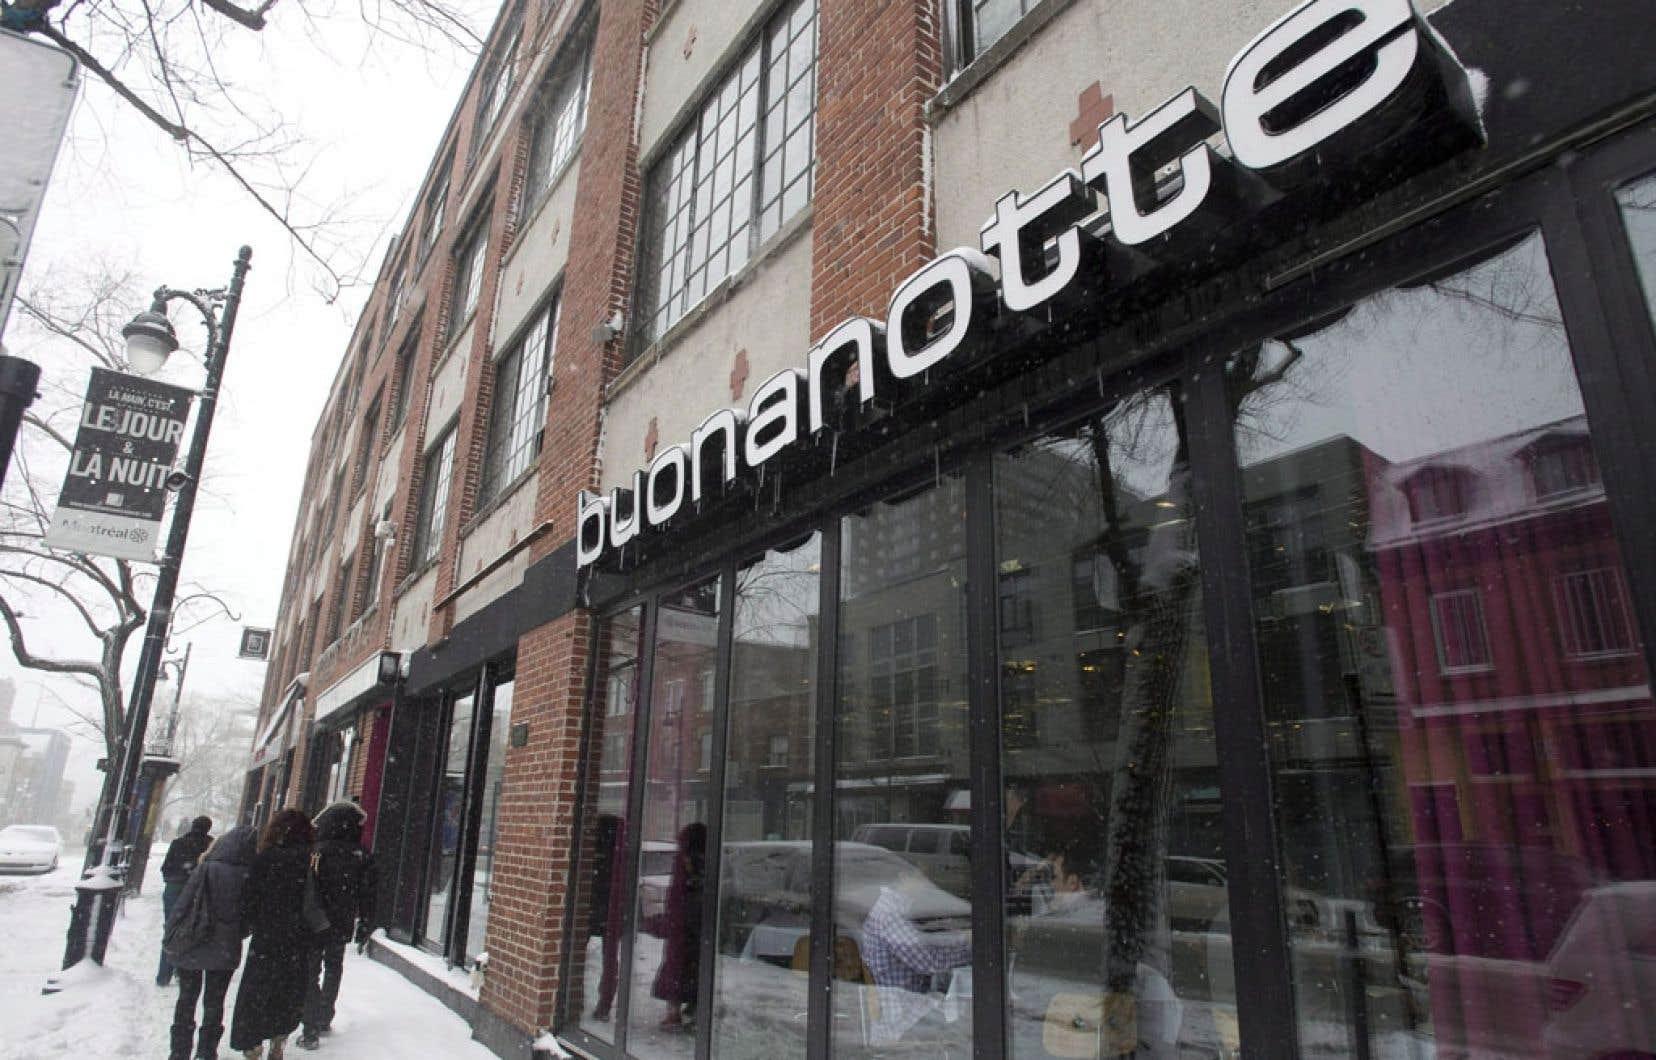 Le restaurant Buonanotte, à Montréal, compte deux menus distincts où tous les plats portent leur nom italien, suivi d'une traduction française ou anglaise, ce que l'OQLF permet. Dans ce que l'organisme a avoué être un « excès de zèle », un inspecteur a toutefois blâmé l'établissement pour ce qui semblait être la prédominance de la langue italienne sur le menu.